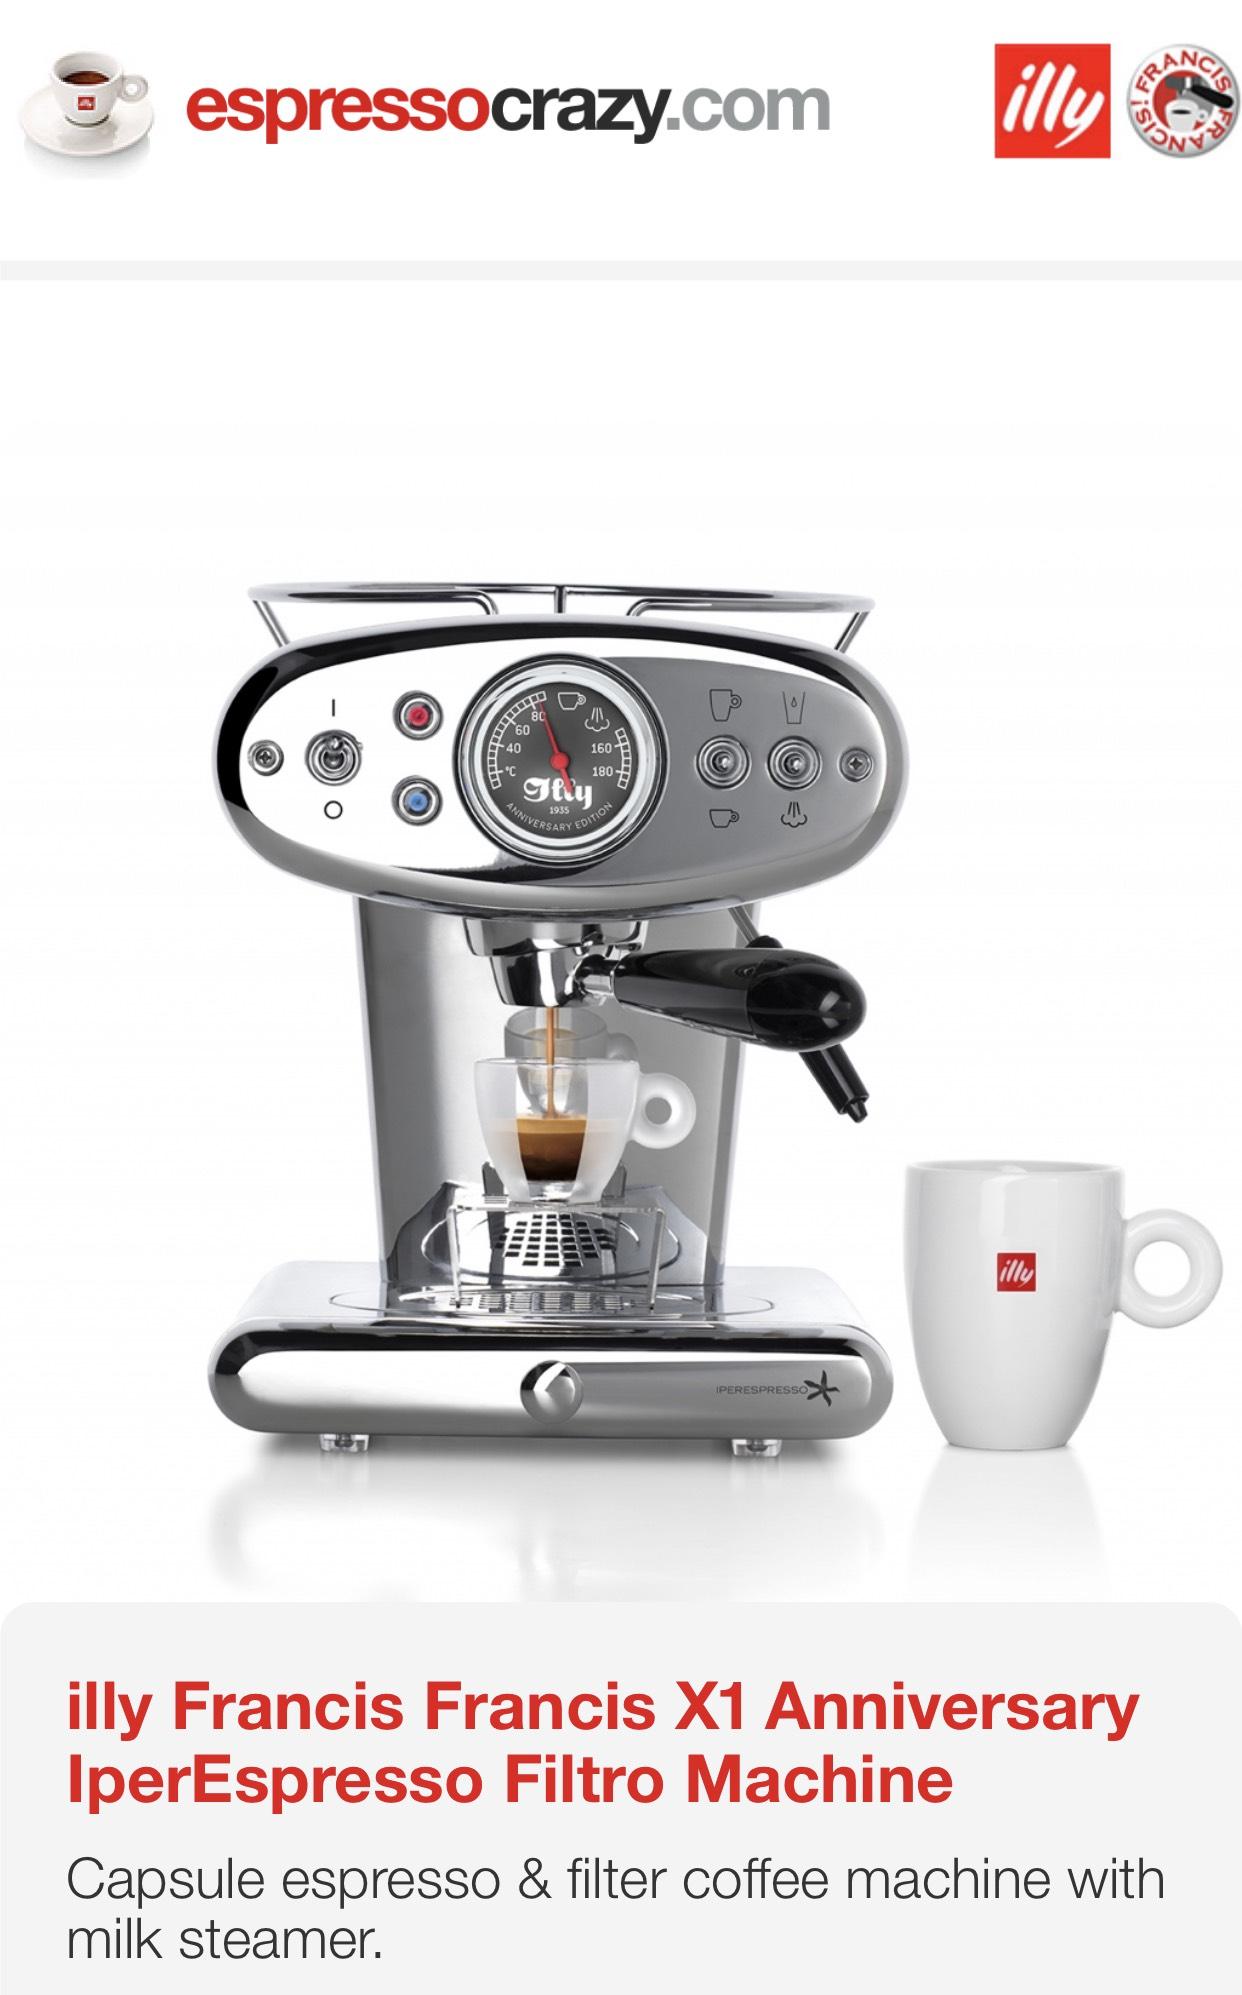 illy Francis X1 Anniversary IperEspresso Filtro Machine at Espresso Crazy for £277.50